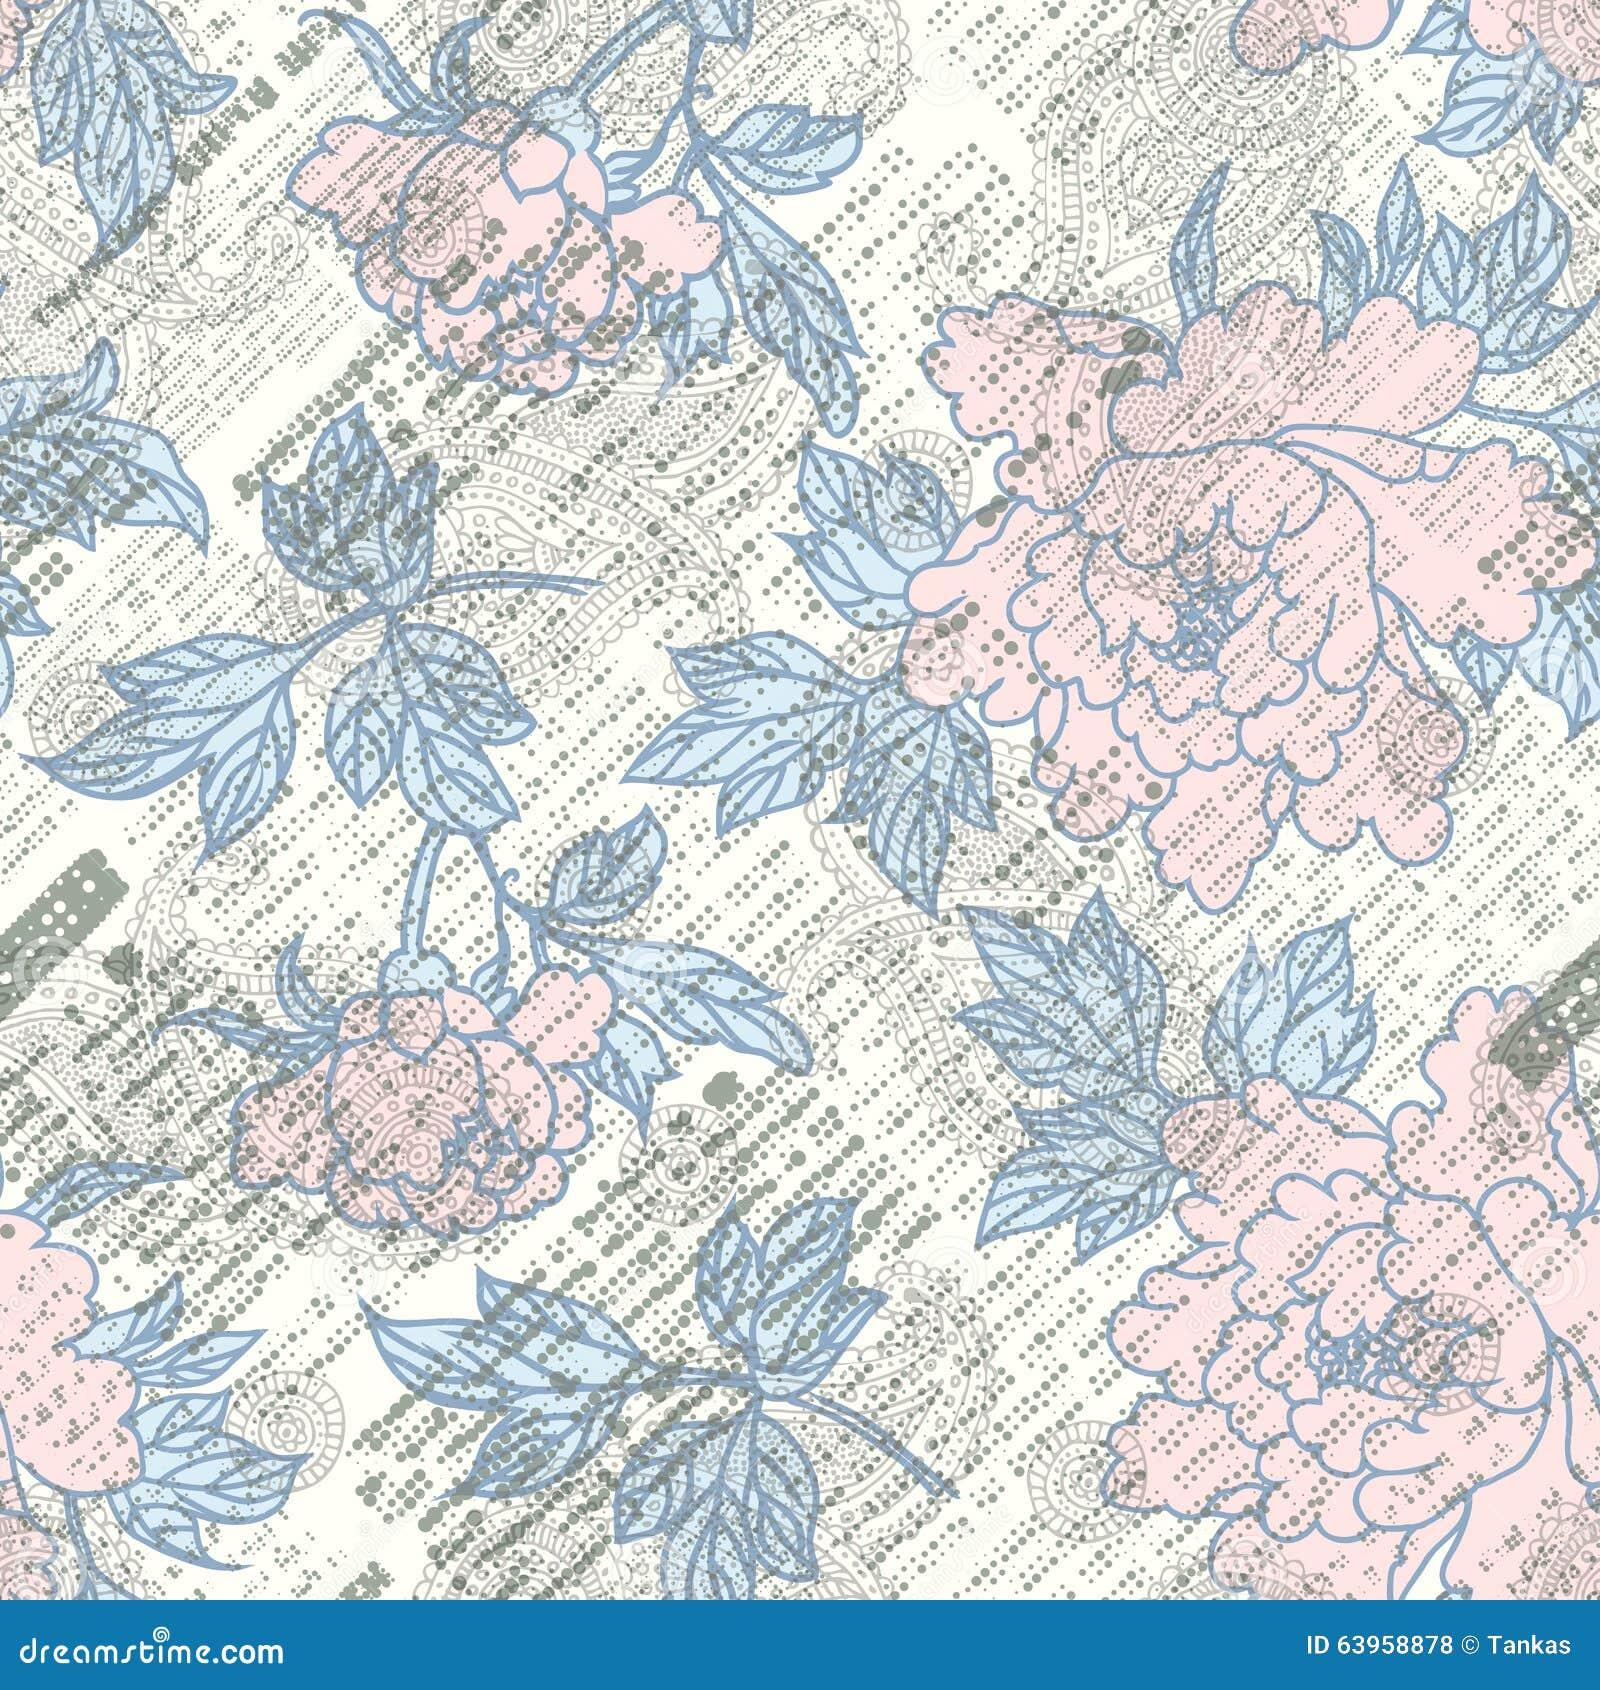 How to scrapbook newspaper - Newspaper Scrapbook Background